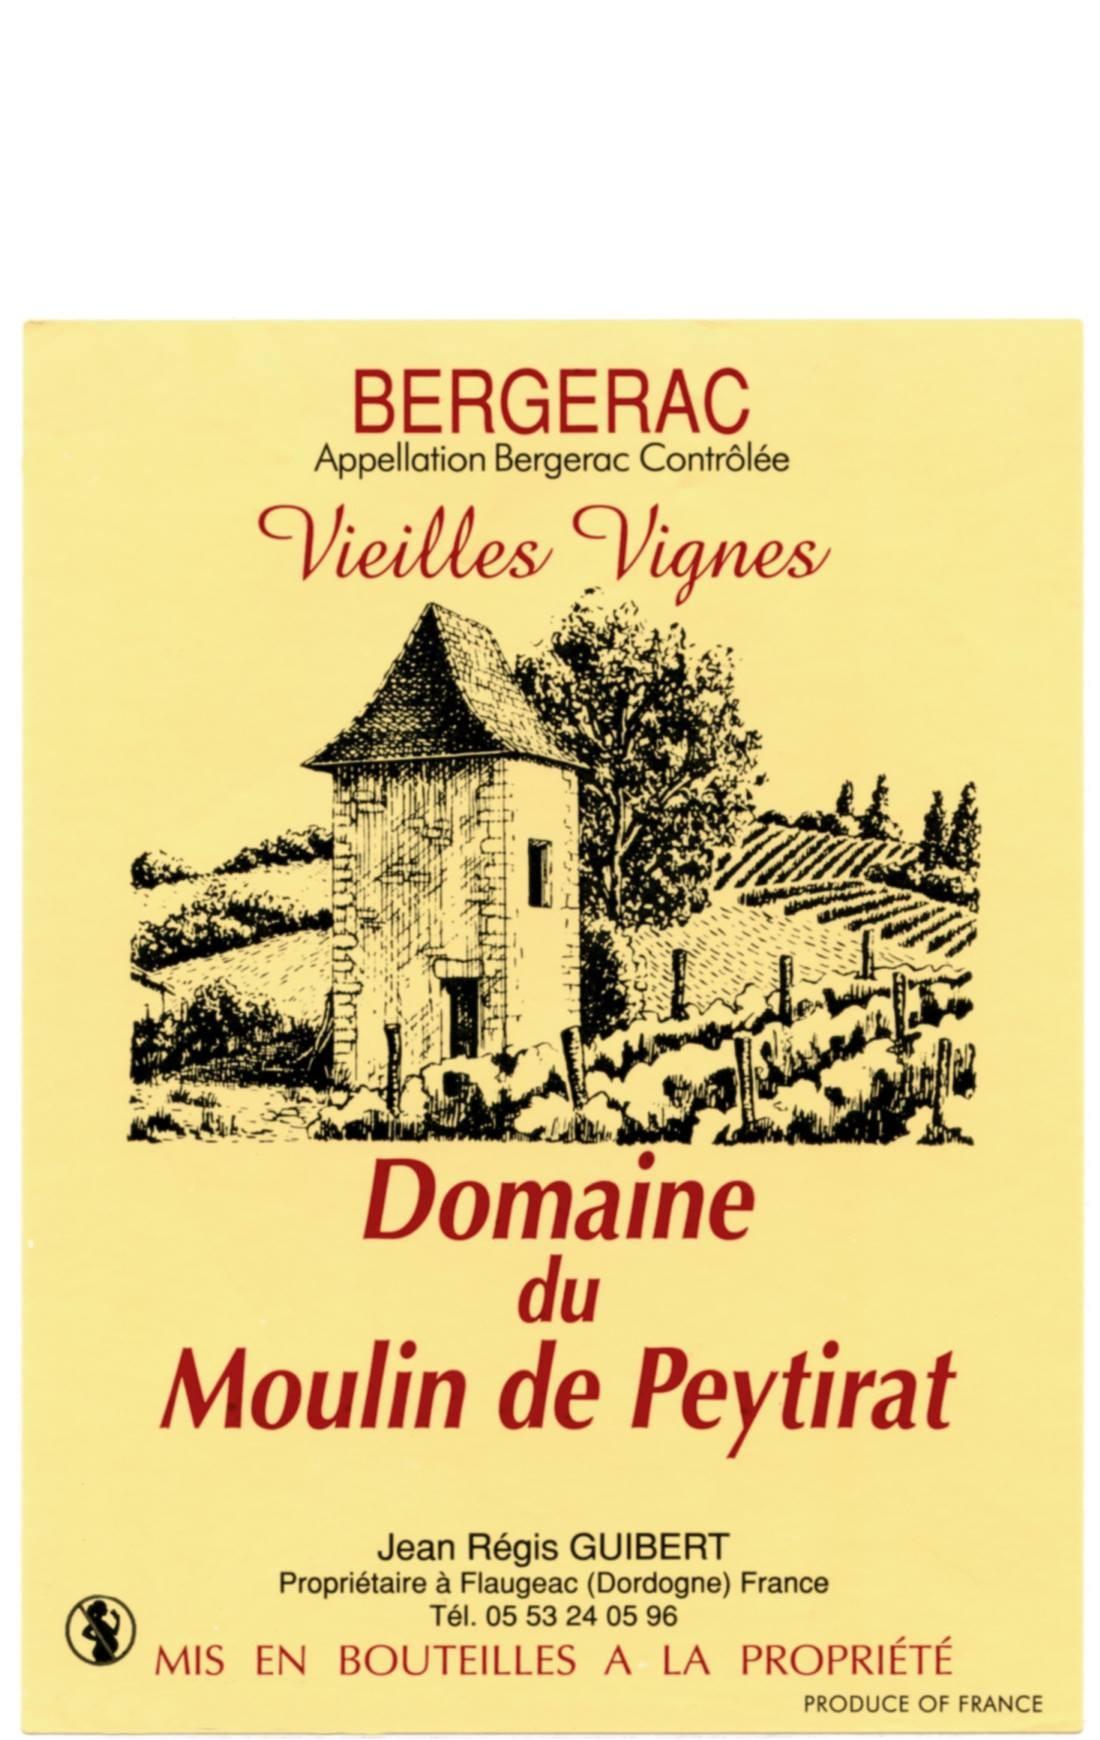 Domaine du Moulin de Peytirat